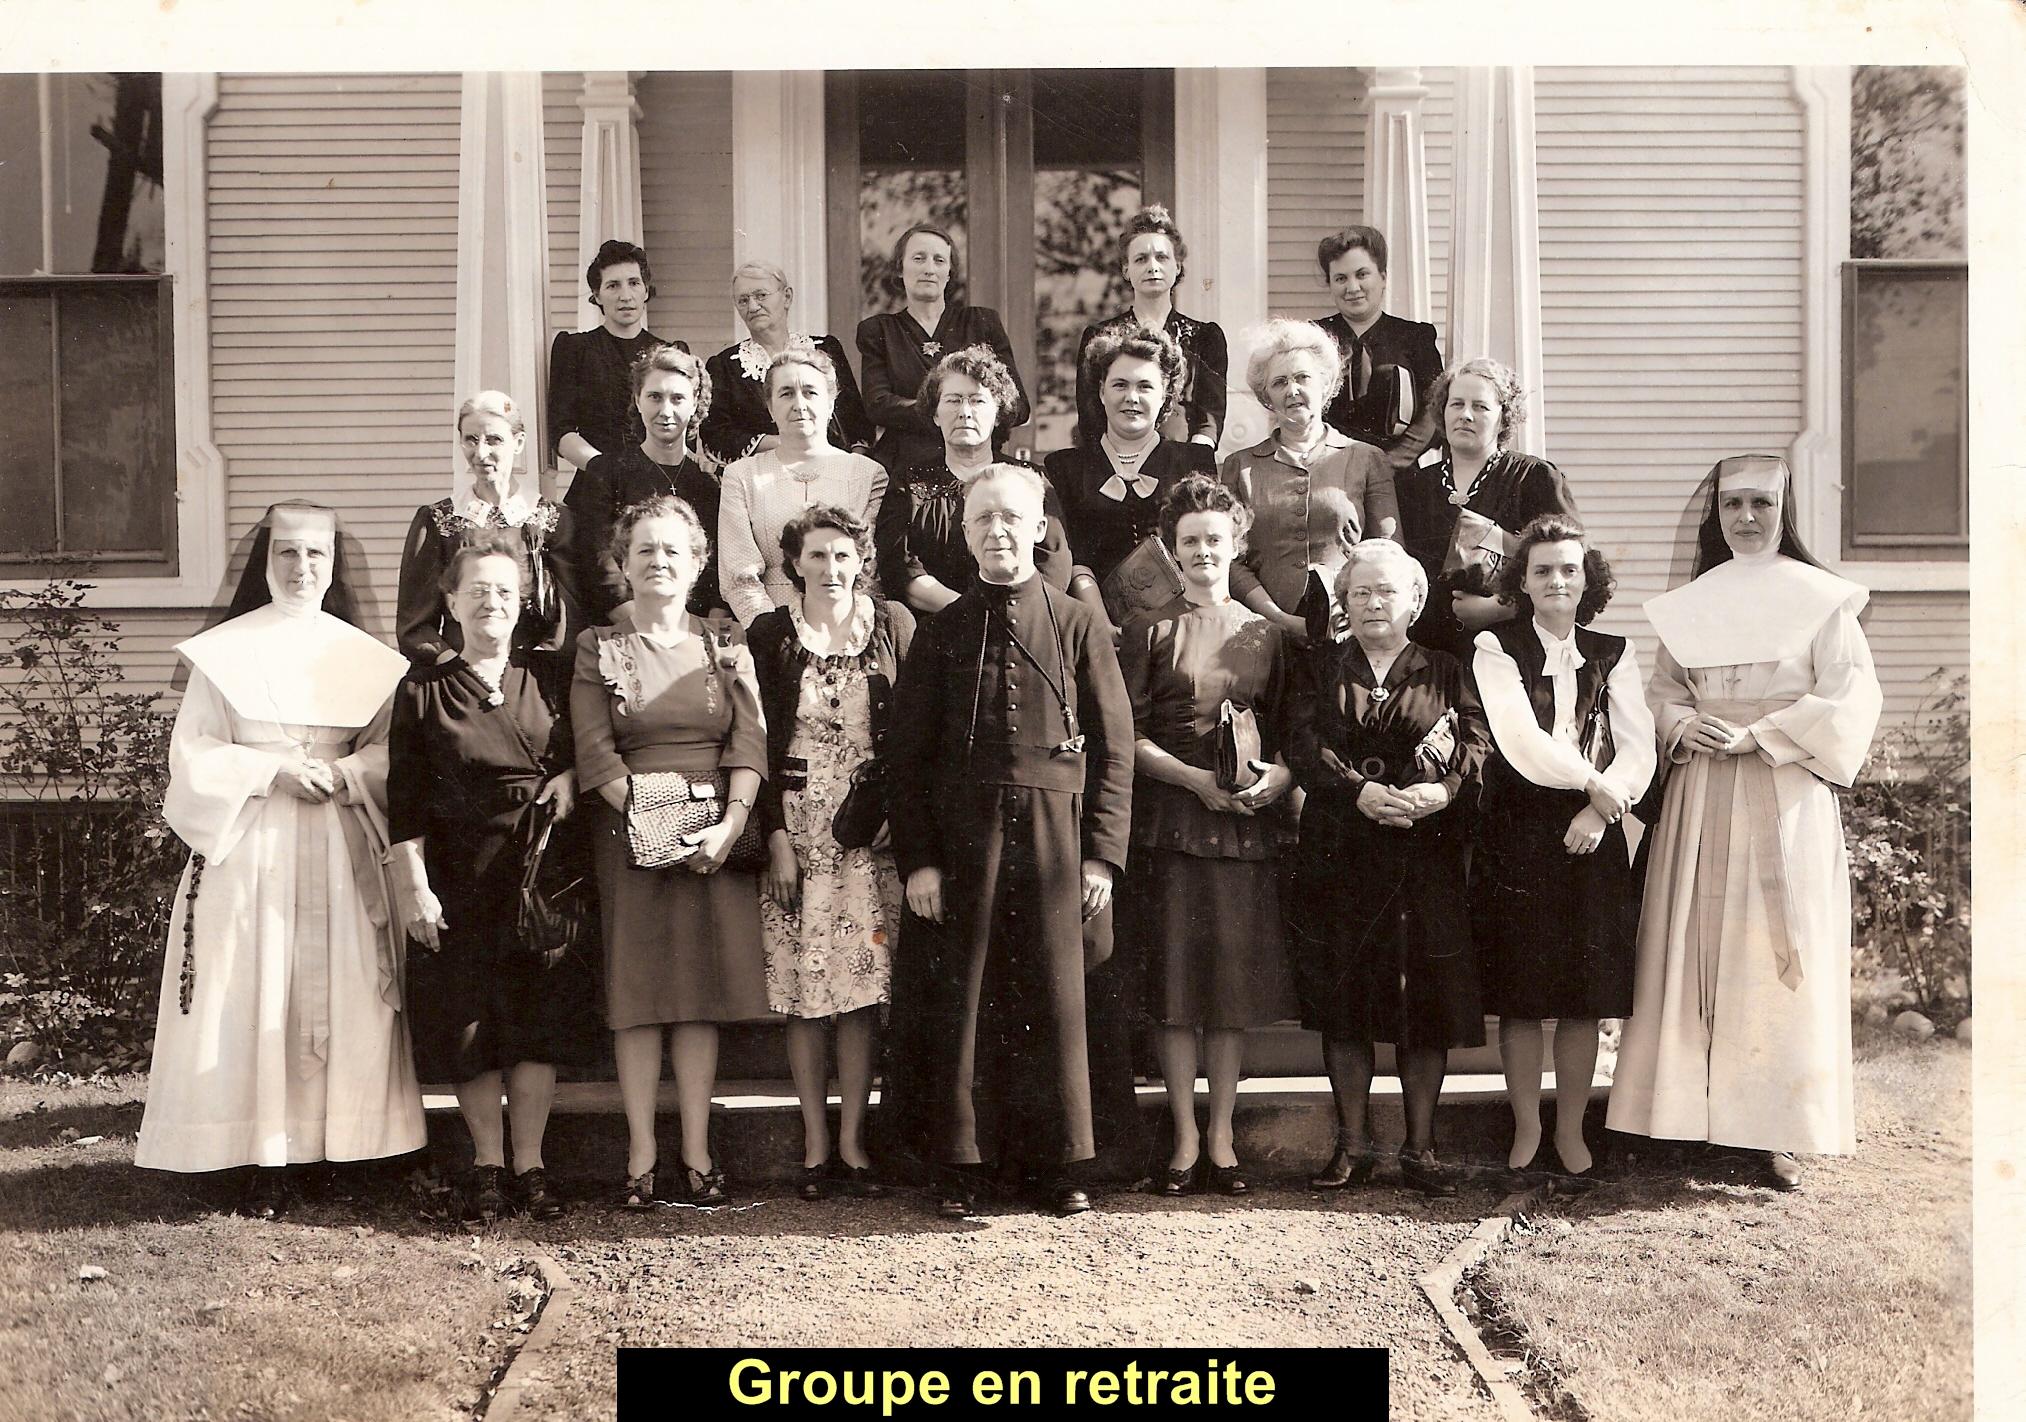 Groupe en retraite